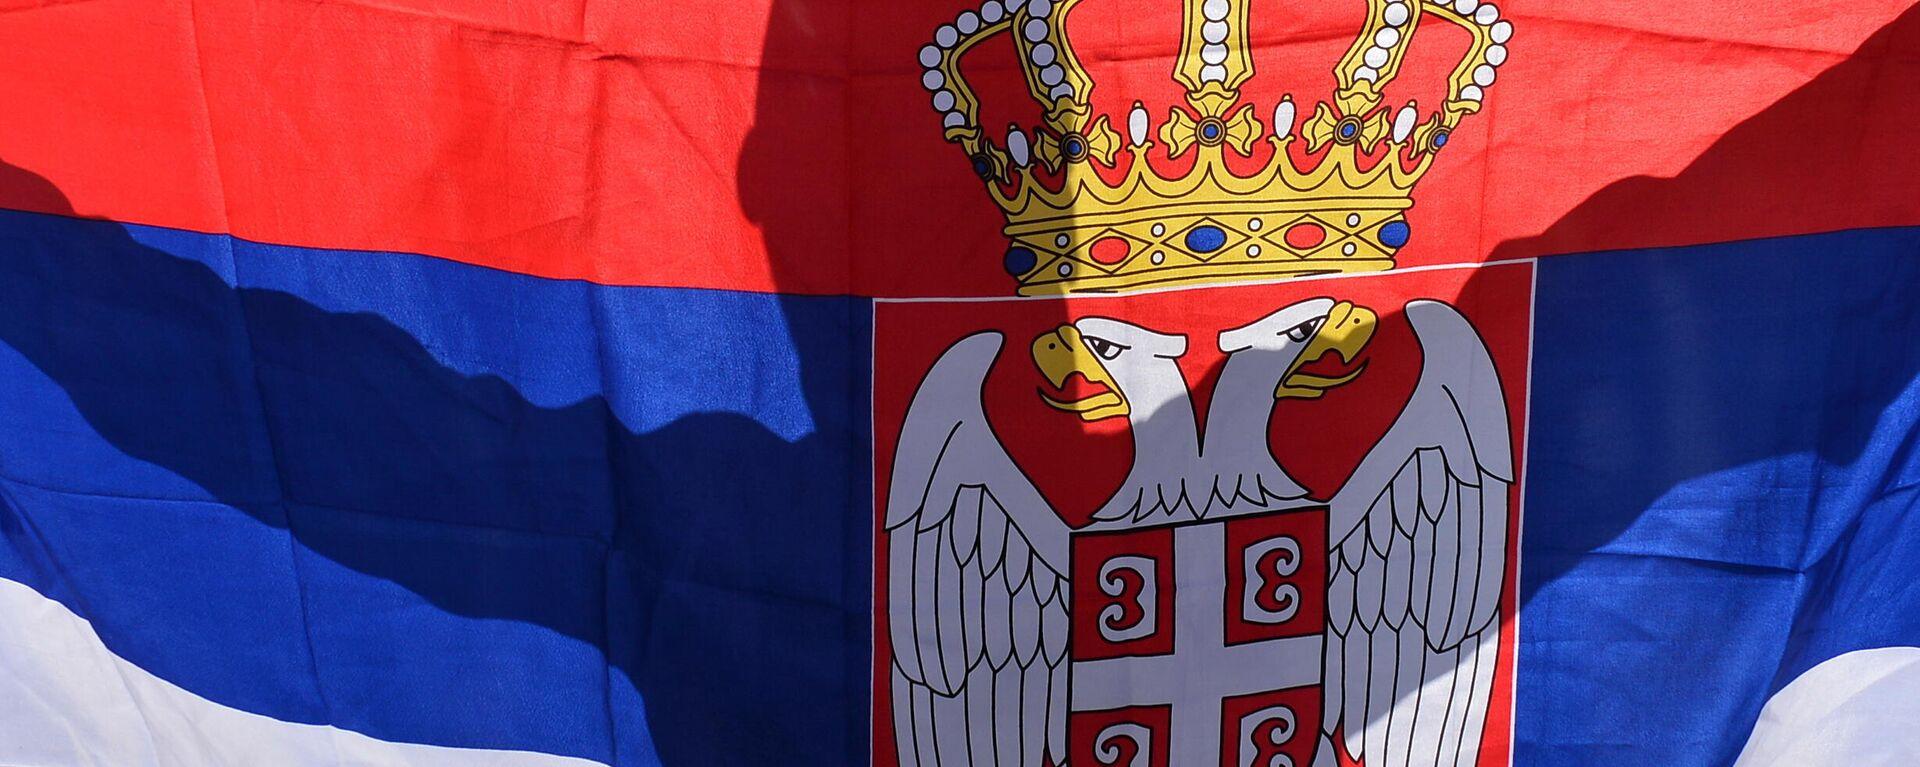 Zastava Srbije - Sputnik Srbija, 1920, 14.09.2021